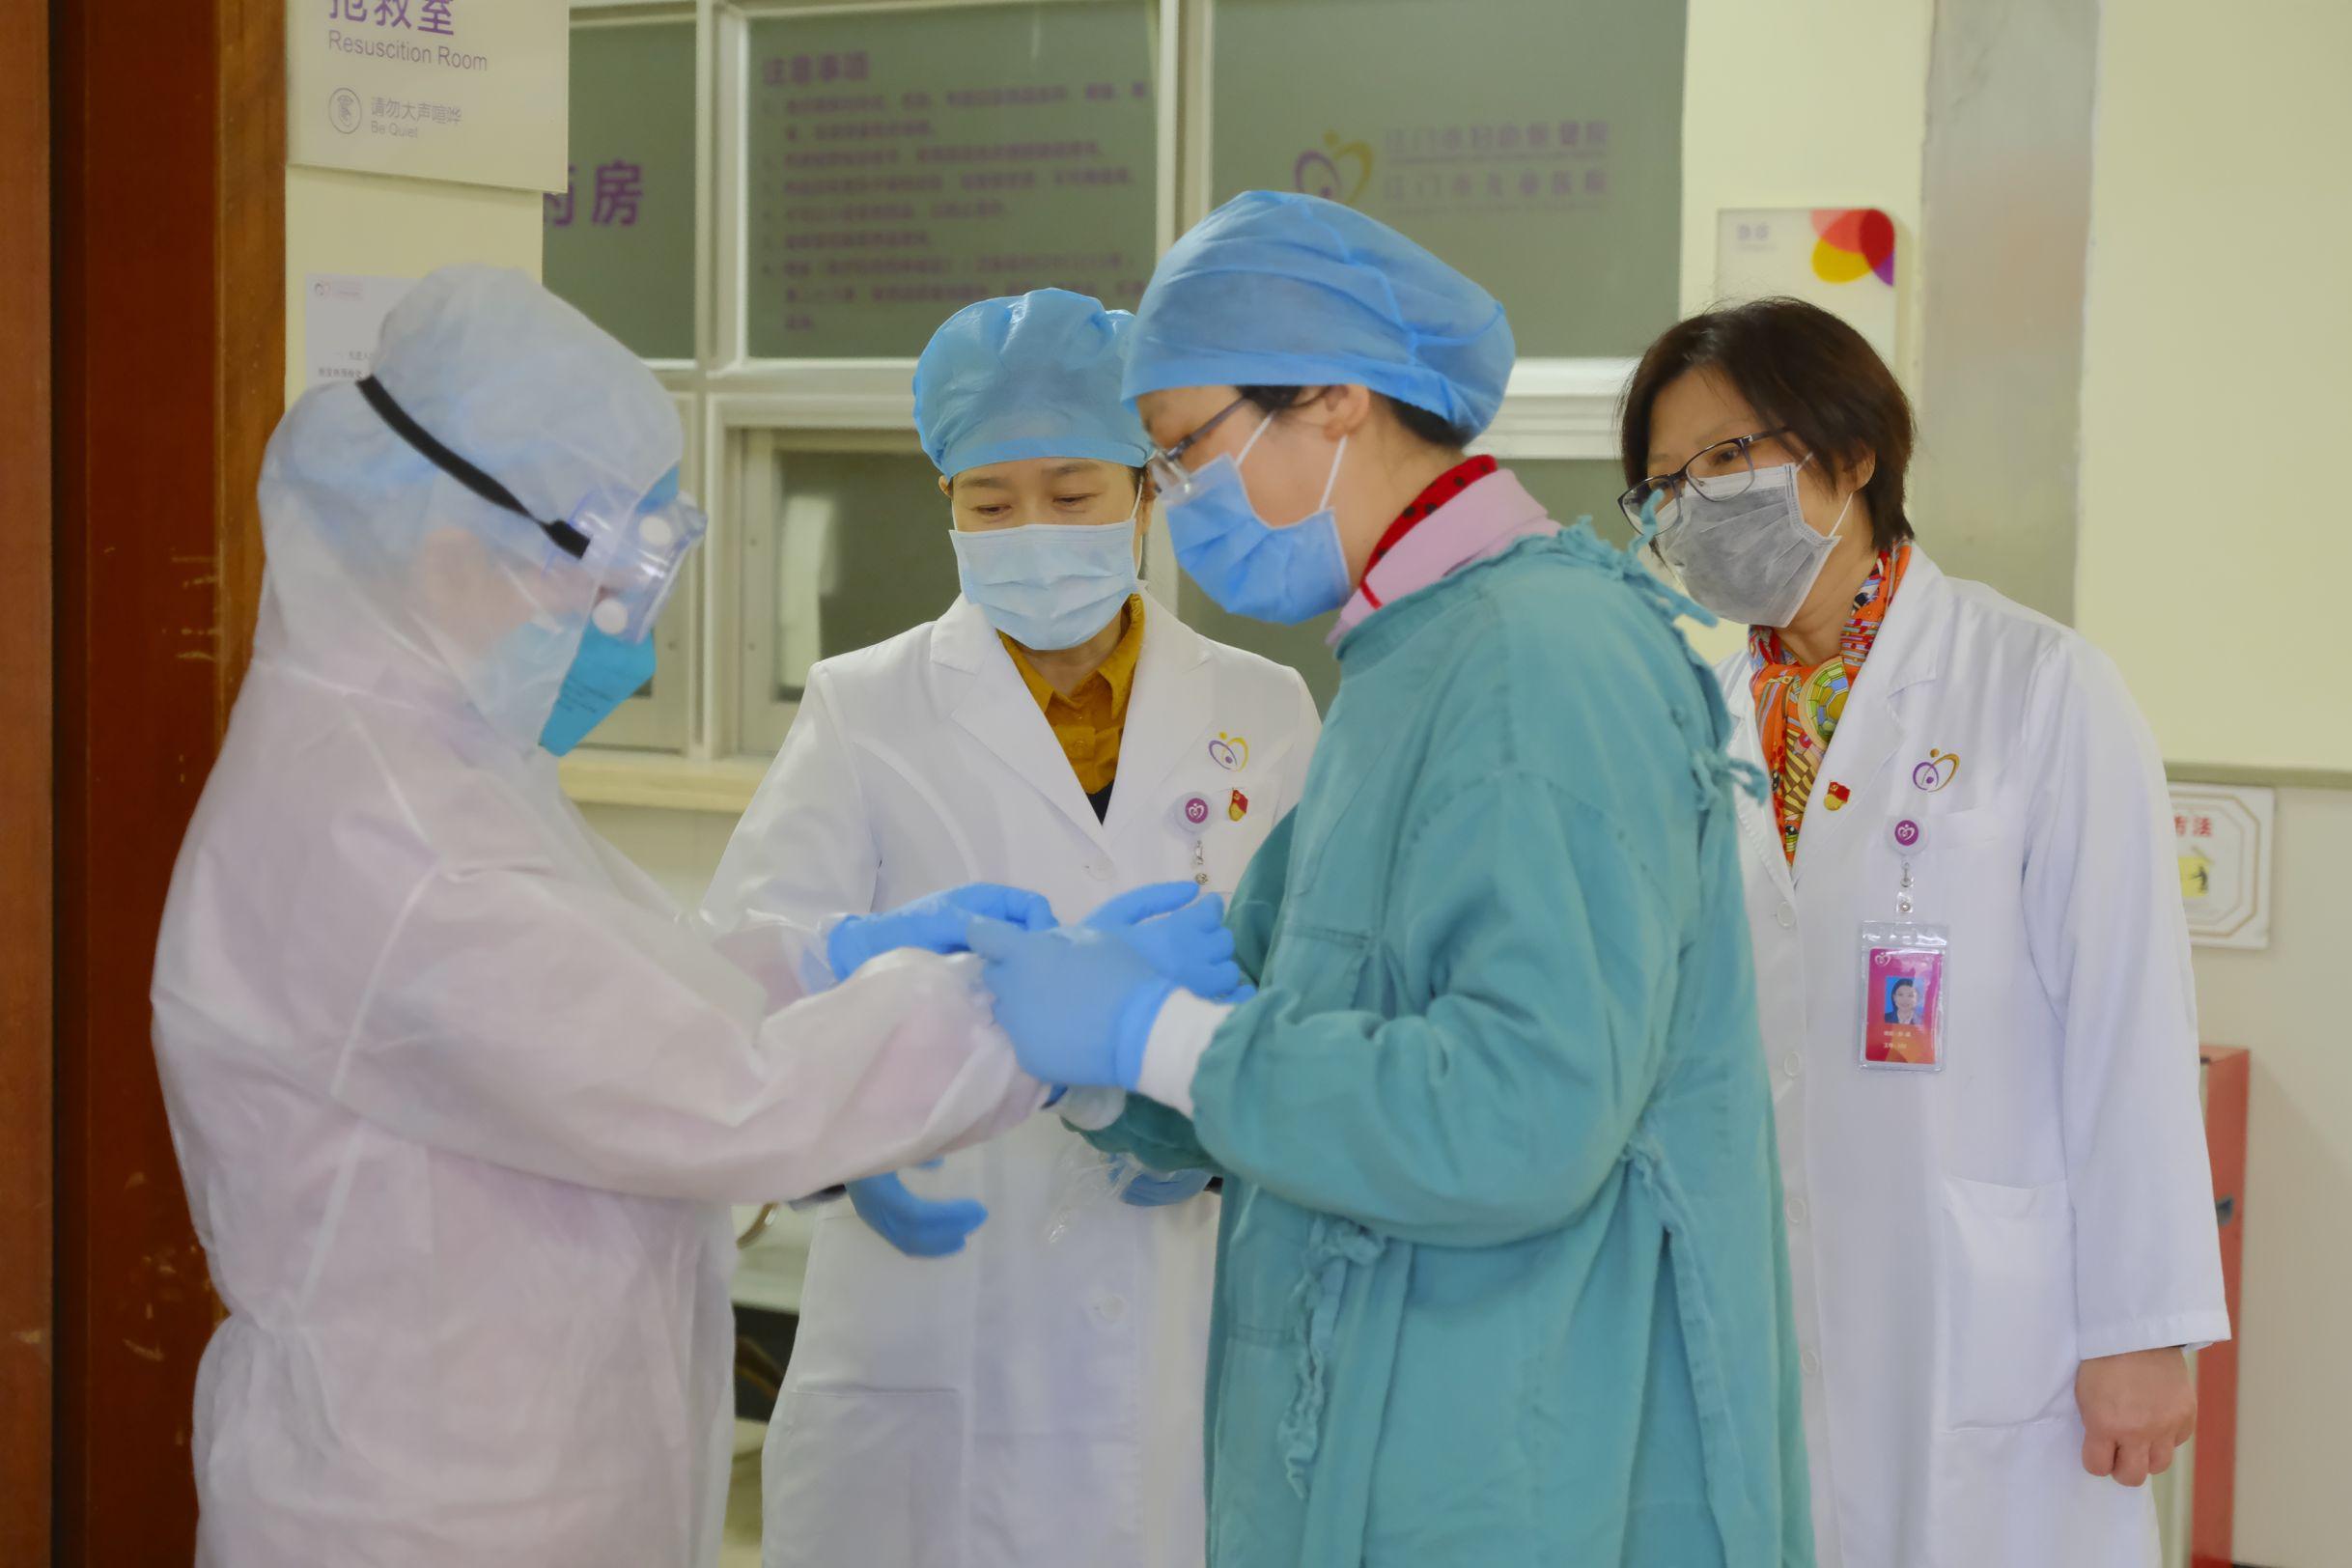 湖北籍醫護人員在江門:堅守崗位 為健康護航